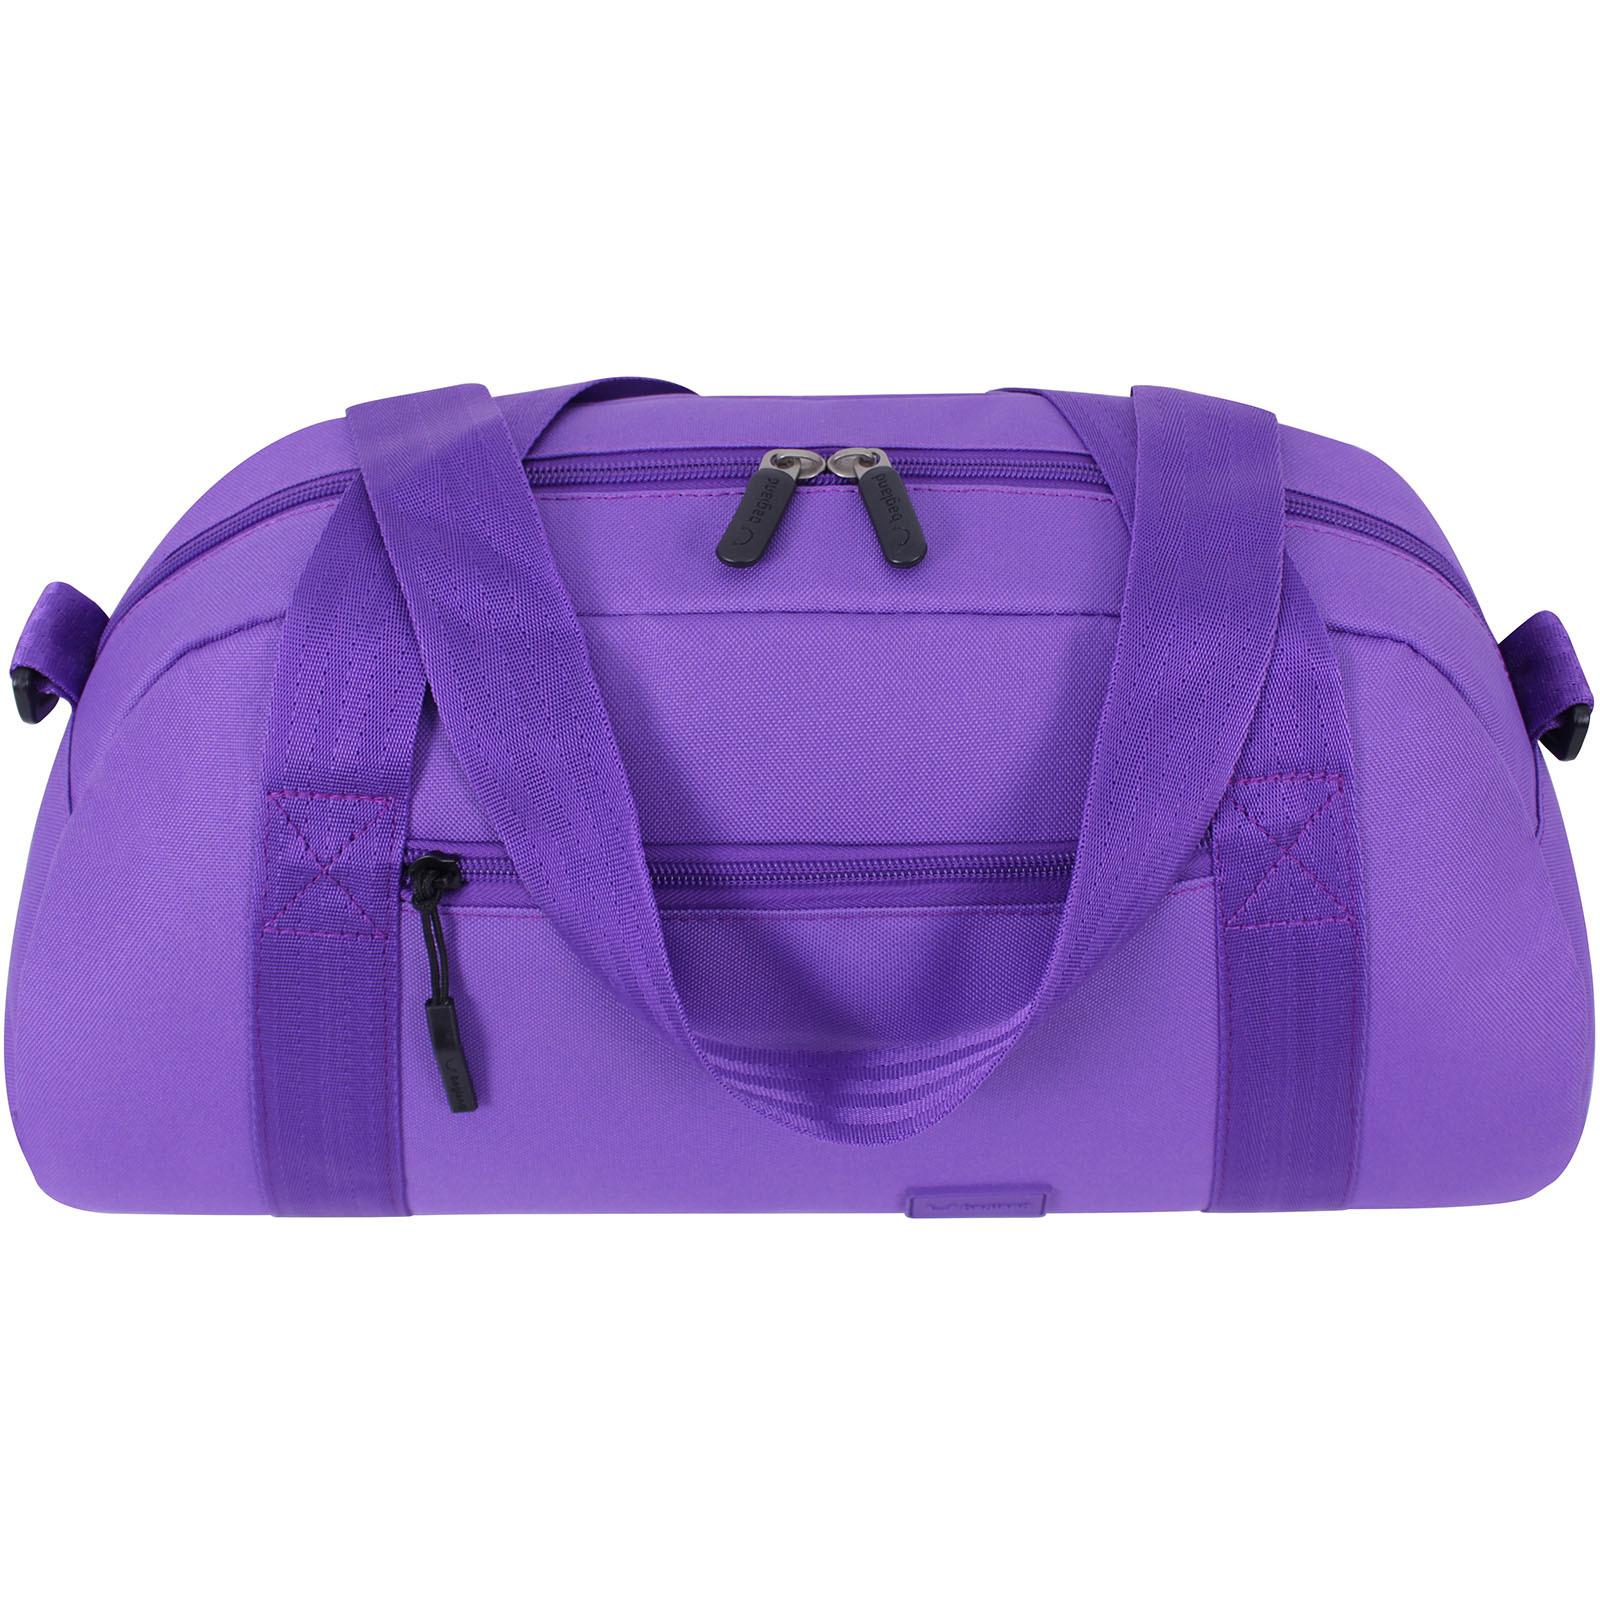 Сумка Bagland Oblivion 27 л. 339 Фиолетовый (0037366) фото 5